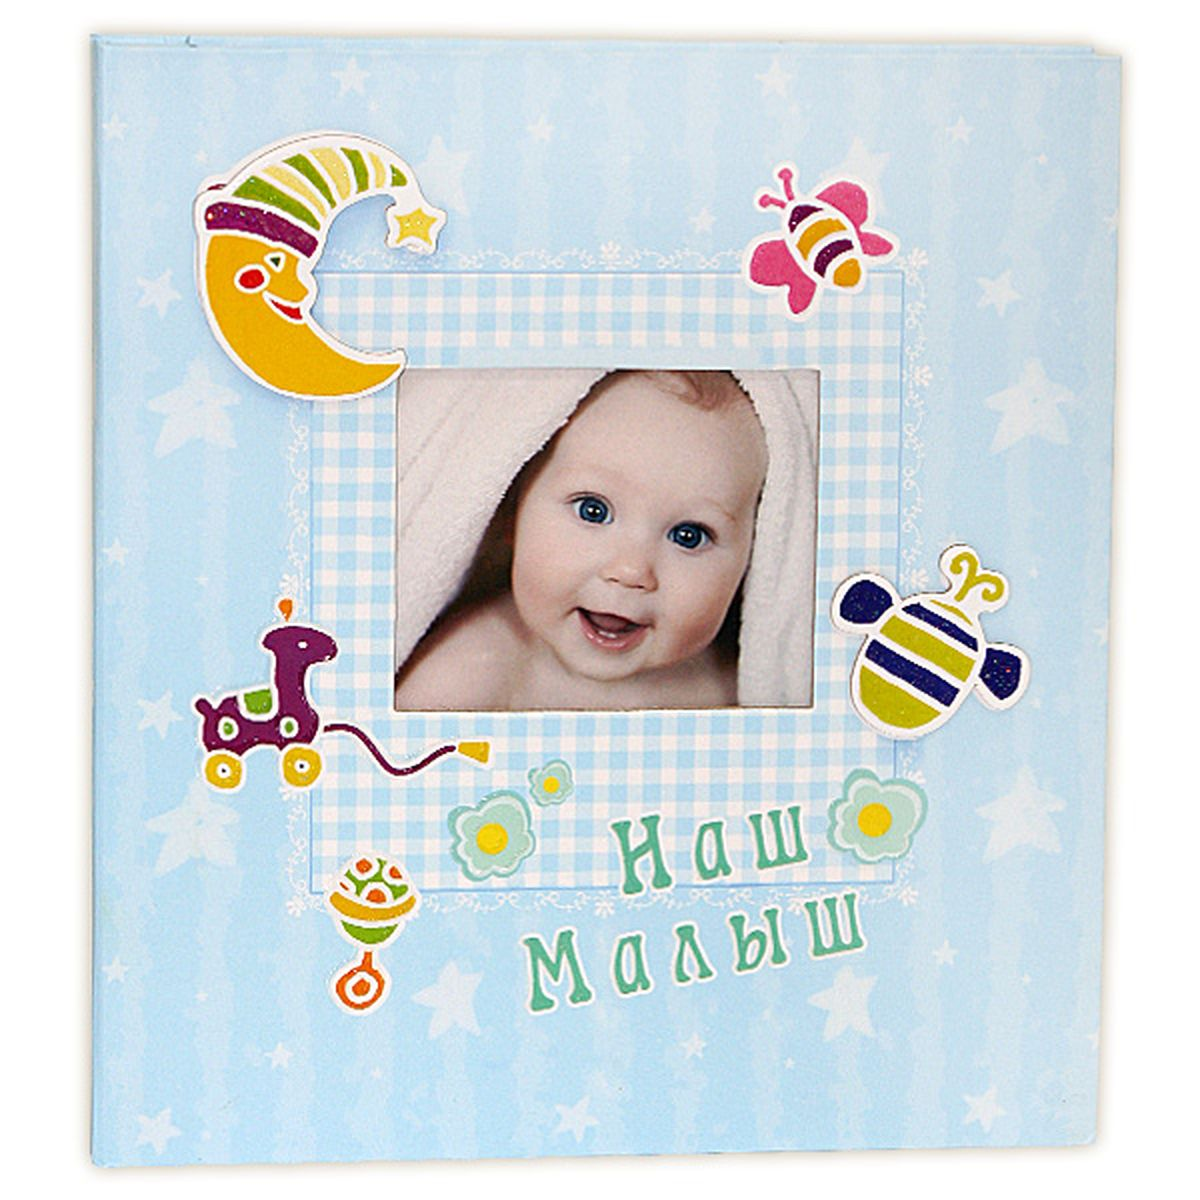 Фотокнига Pioneer Our Baby 6, цвет: голубой, 26 x 28 см46417 FAФотокнига Pioneer позволит вам запечатлеть моменты жизни вашего ребенка. Изделие выполнено из картона и плотной бумаги, может быть использовано для создания памятного альбома в технике скрапбукинг. В книге находится 8 страниц-анкет для заполнения, 24 магнитные страницы и рамка для фото.Тип скрепления: спираль.Формат фотографий: 26 х 28 см.Материал страниц: бумага.Тип страниц: магнитный.